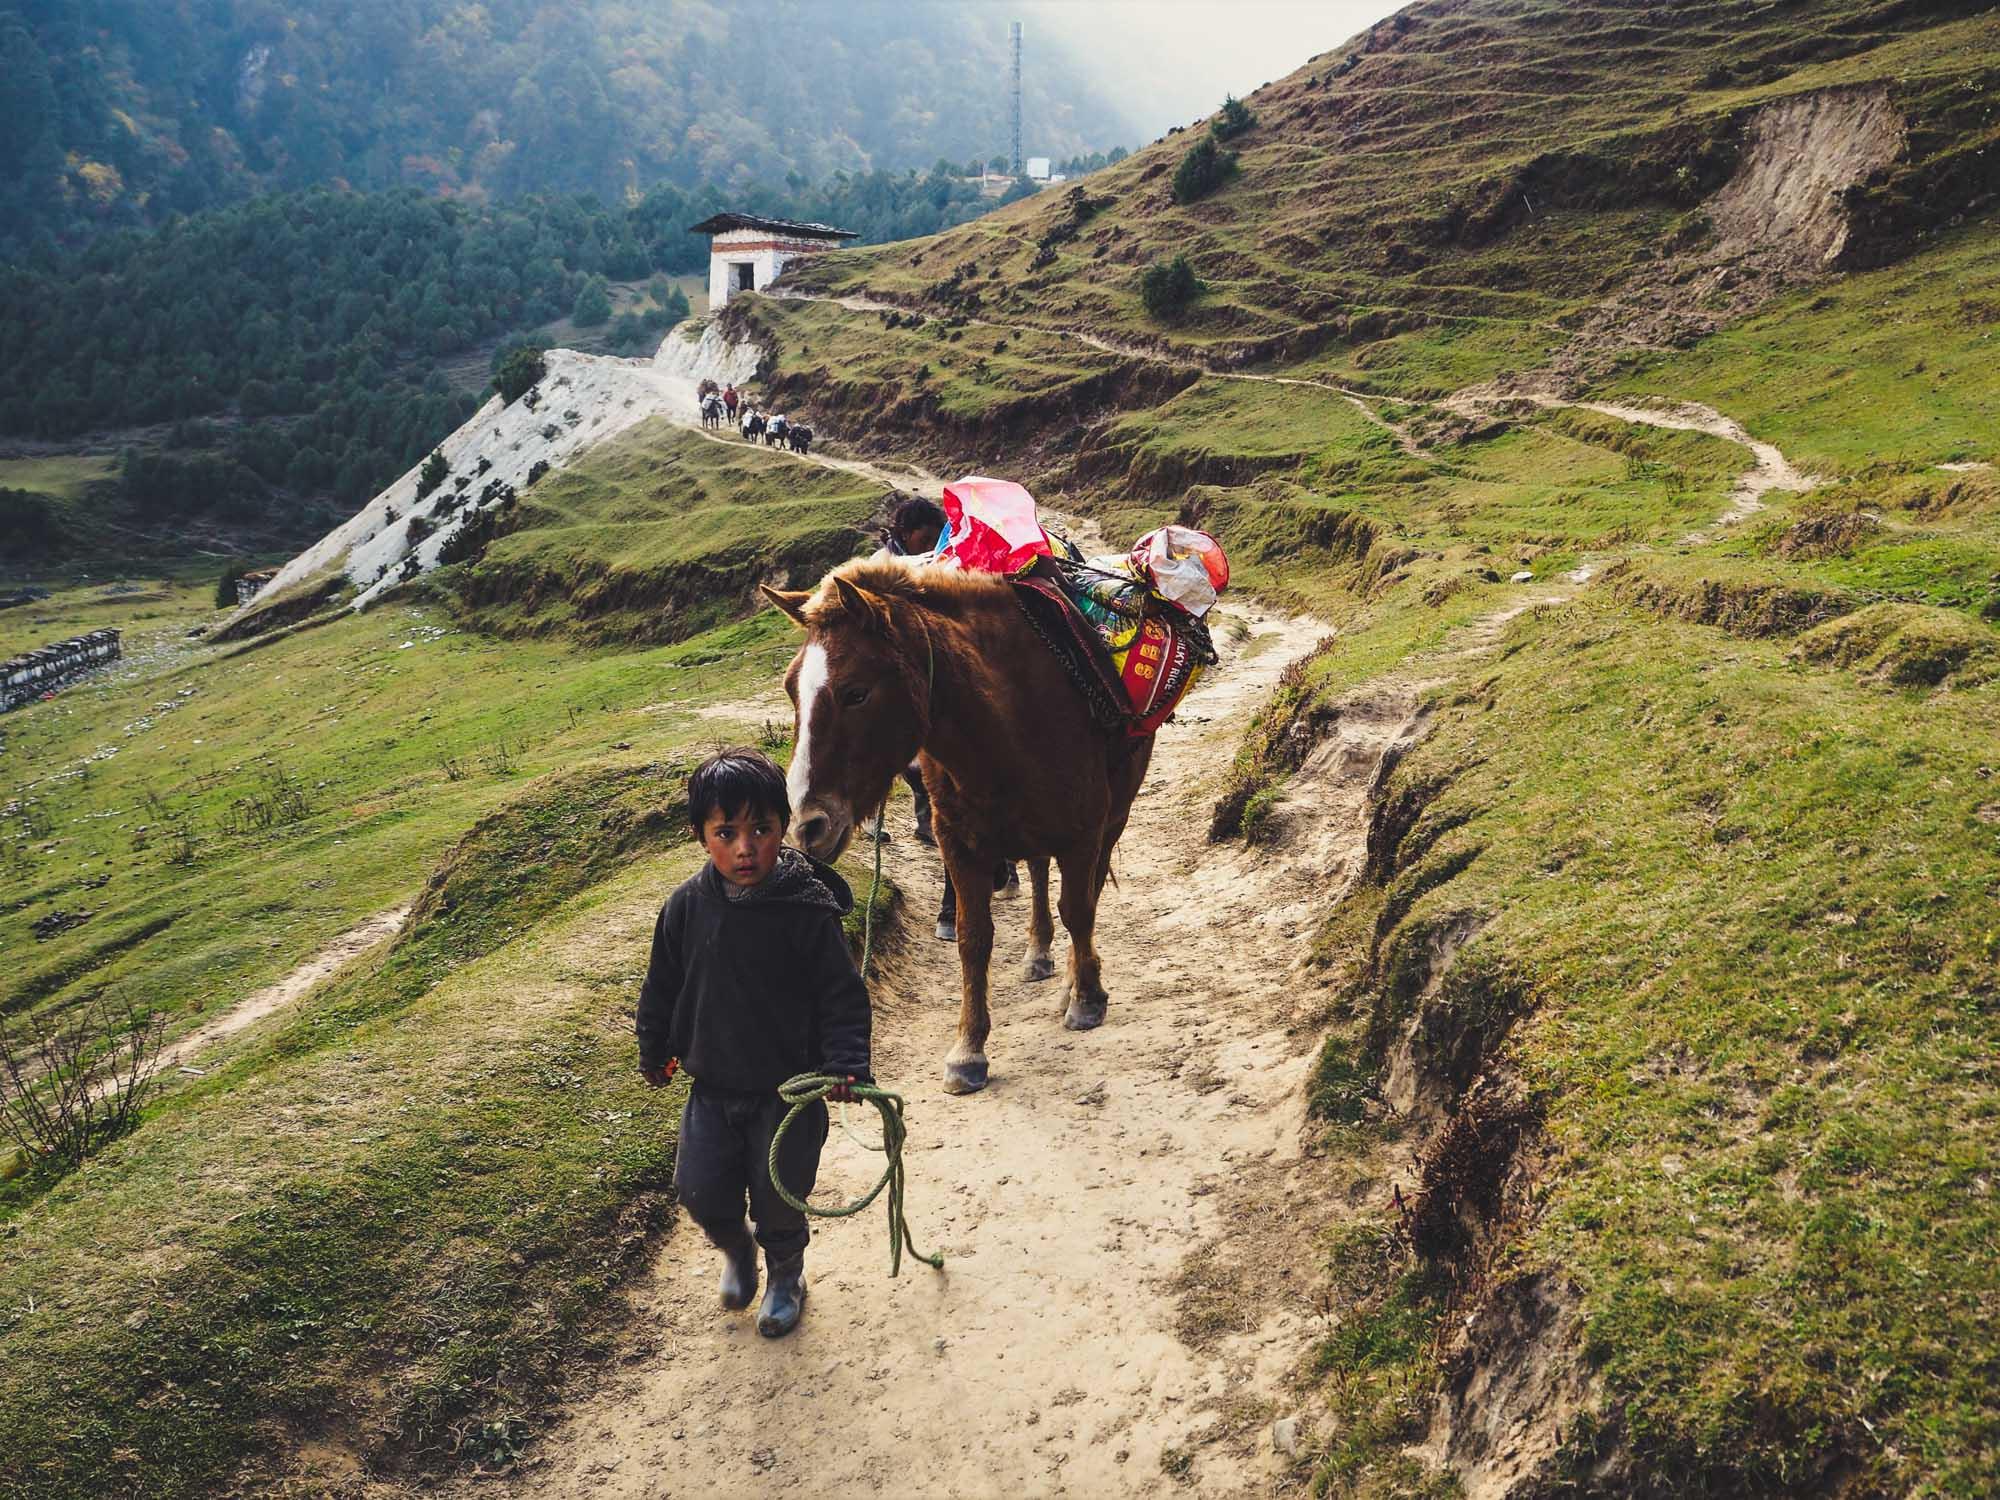 podroz-do-bhutanu-transport-dziecko-z-jakiem-wyrusz-w-zyciowa-podroz-soul-travel